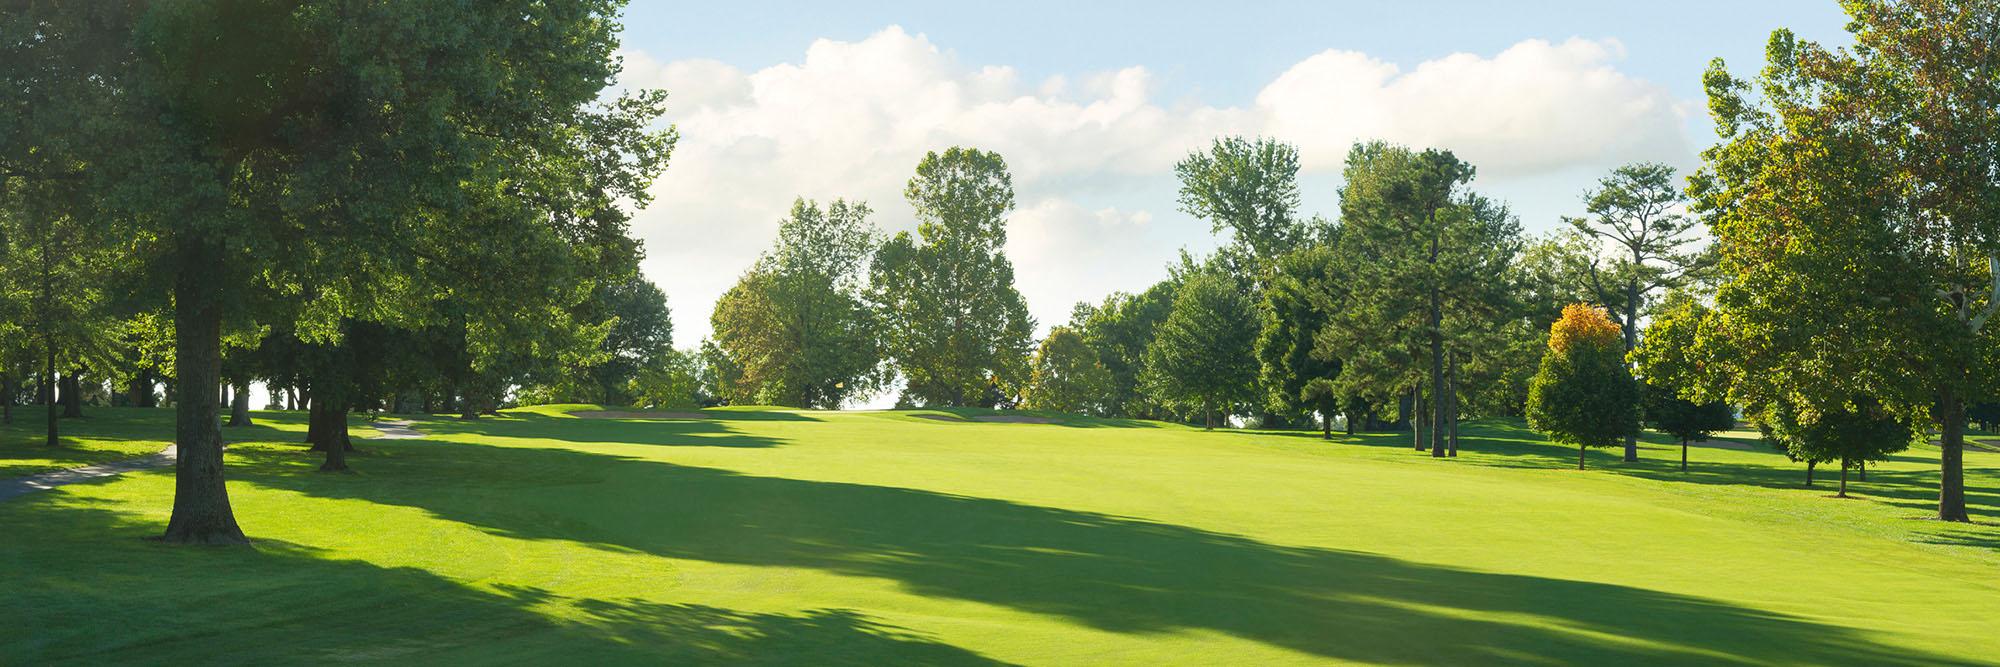 Golf Course Image - Hickory Hills No. 11